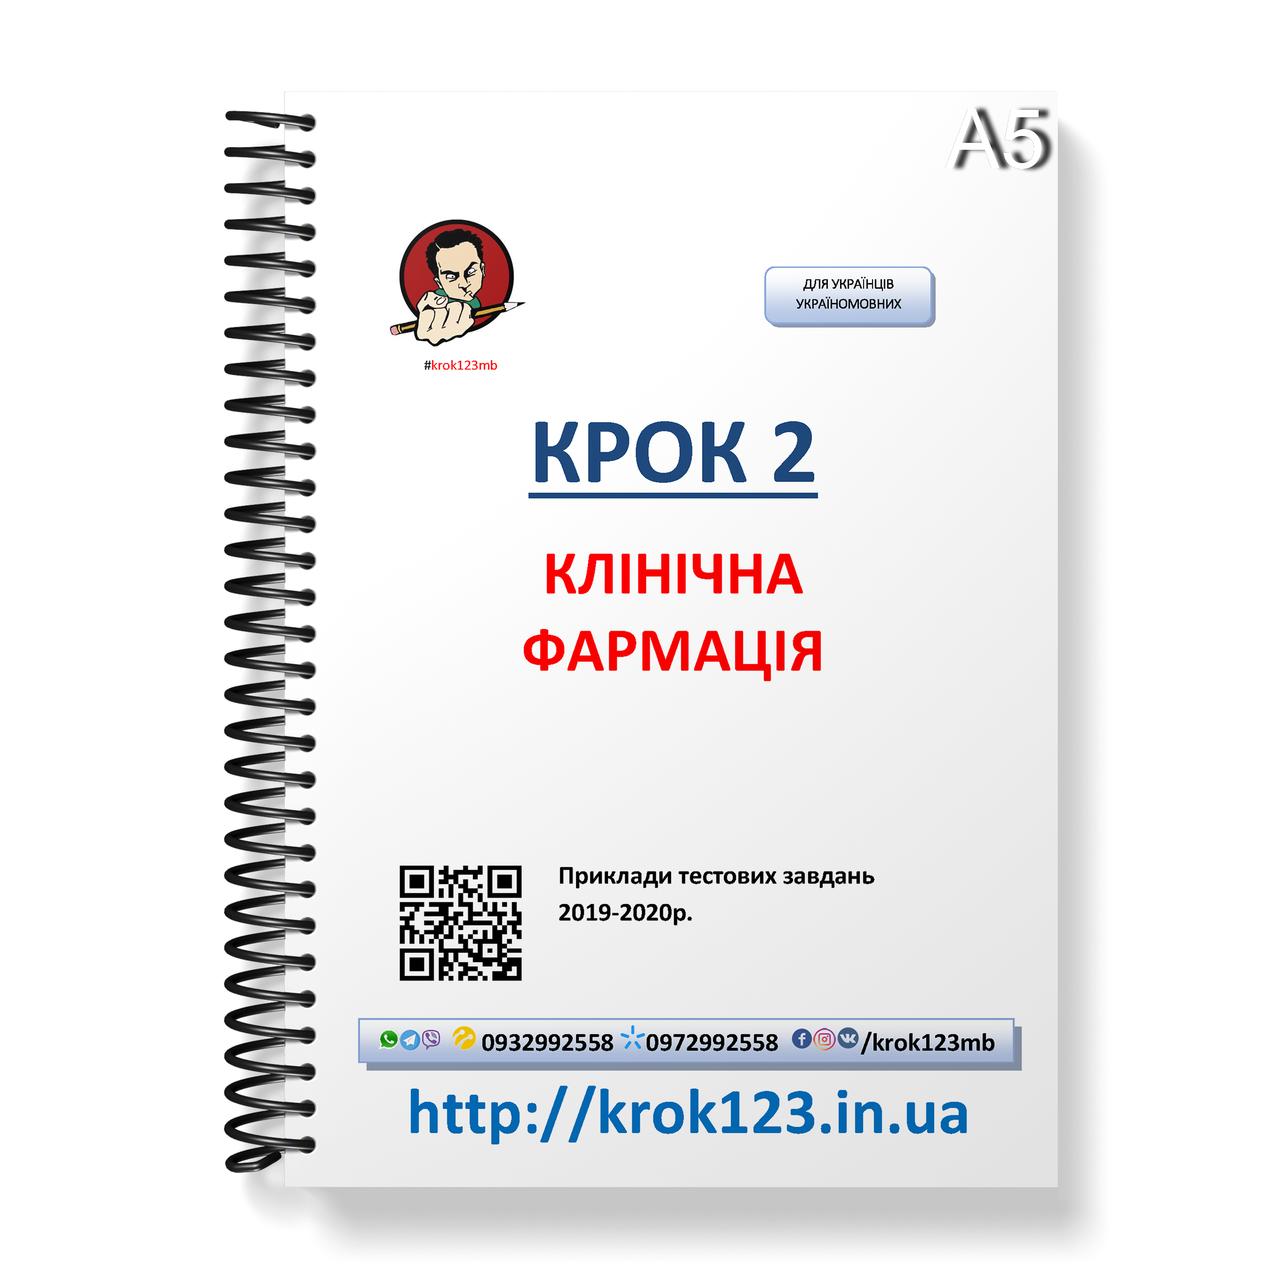 Крок 2. Клиническая фармация. ЕГКЭ (Примеры тестовых заданий) 2019-2020. Для украинцев украиноязычных. Формат